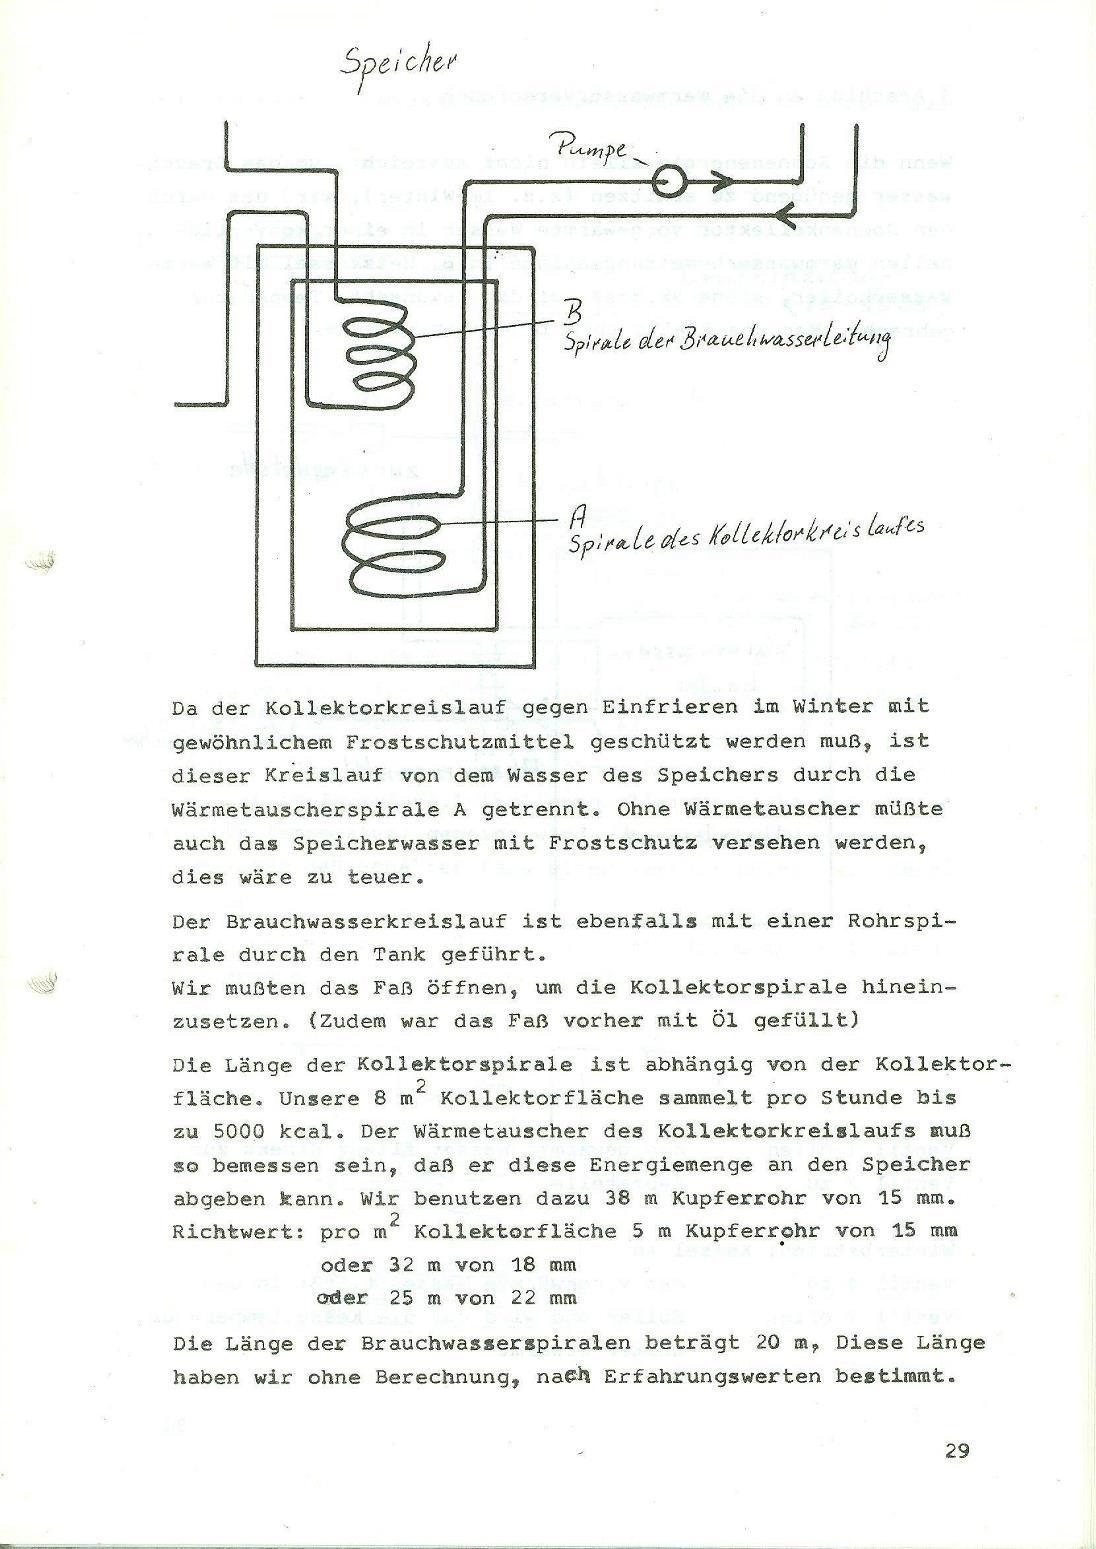 Hessen_AKW086